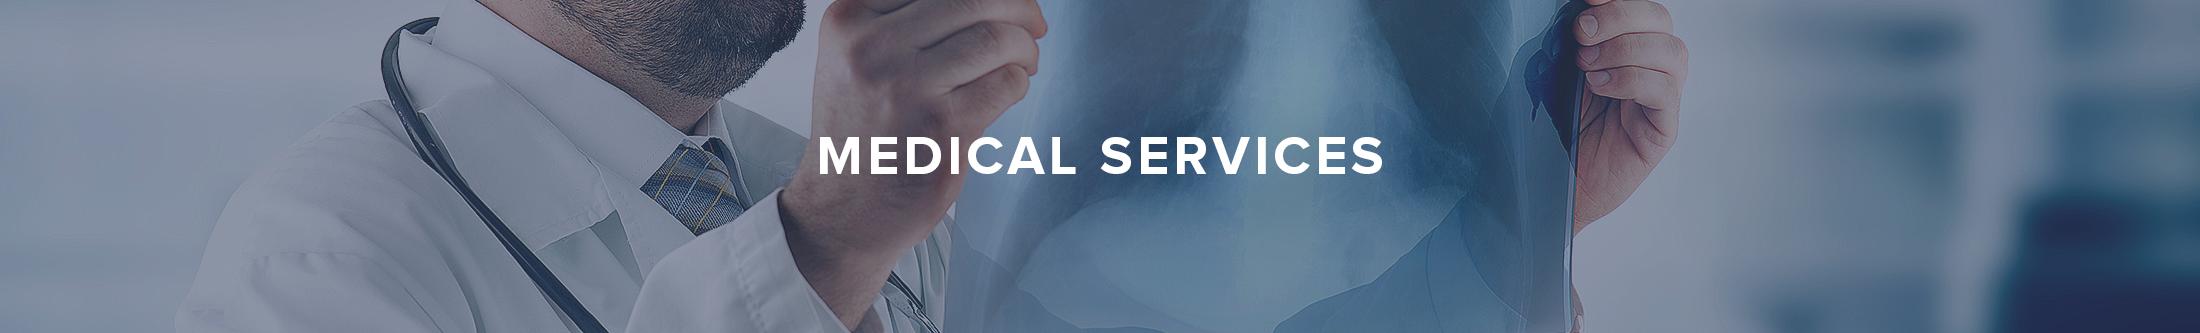 medical_services_banner